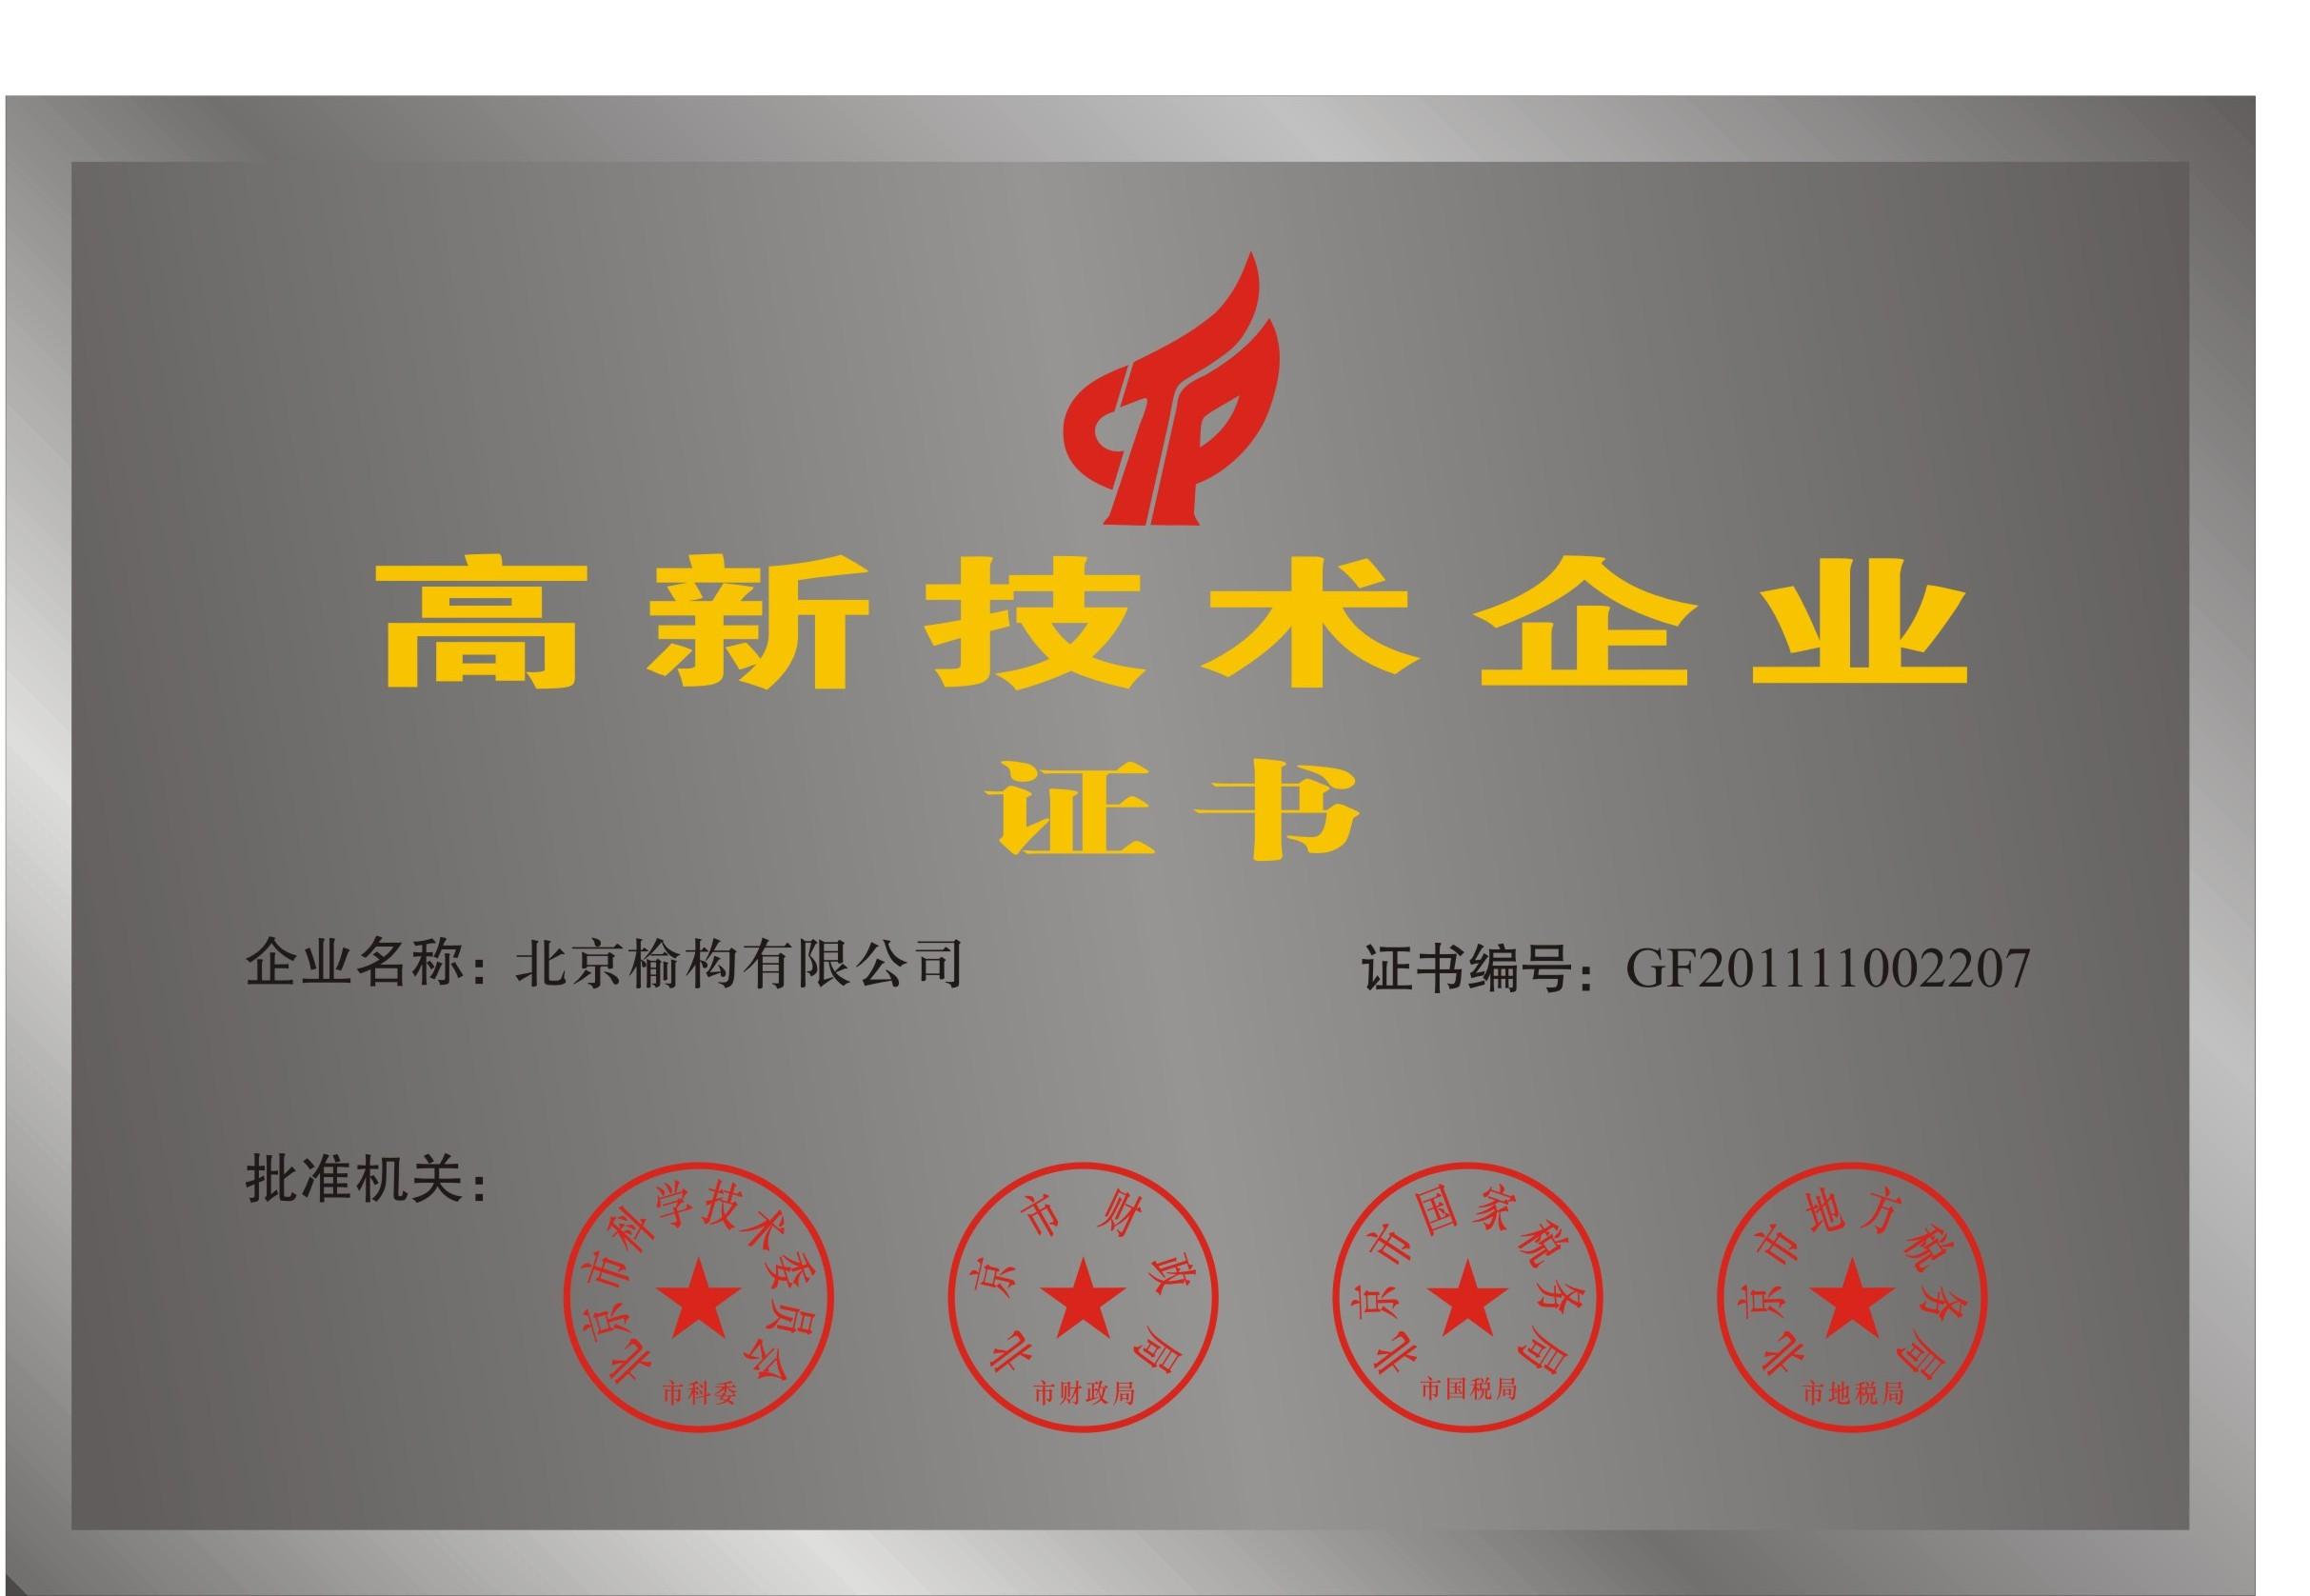 3.高新技术企业